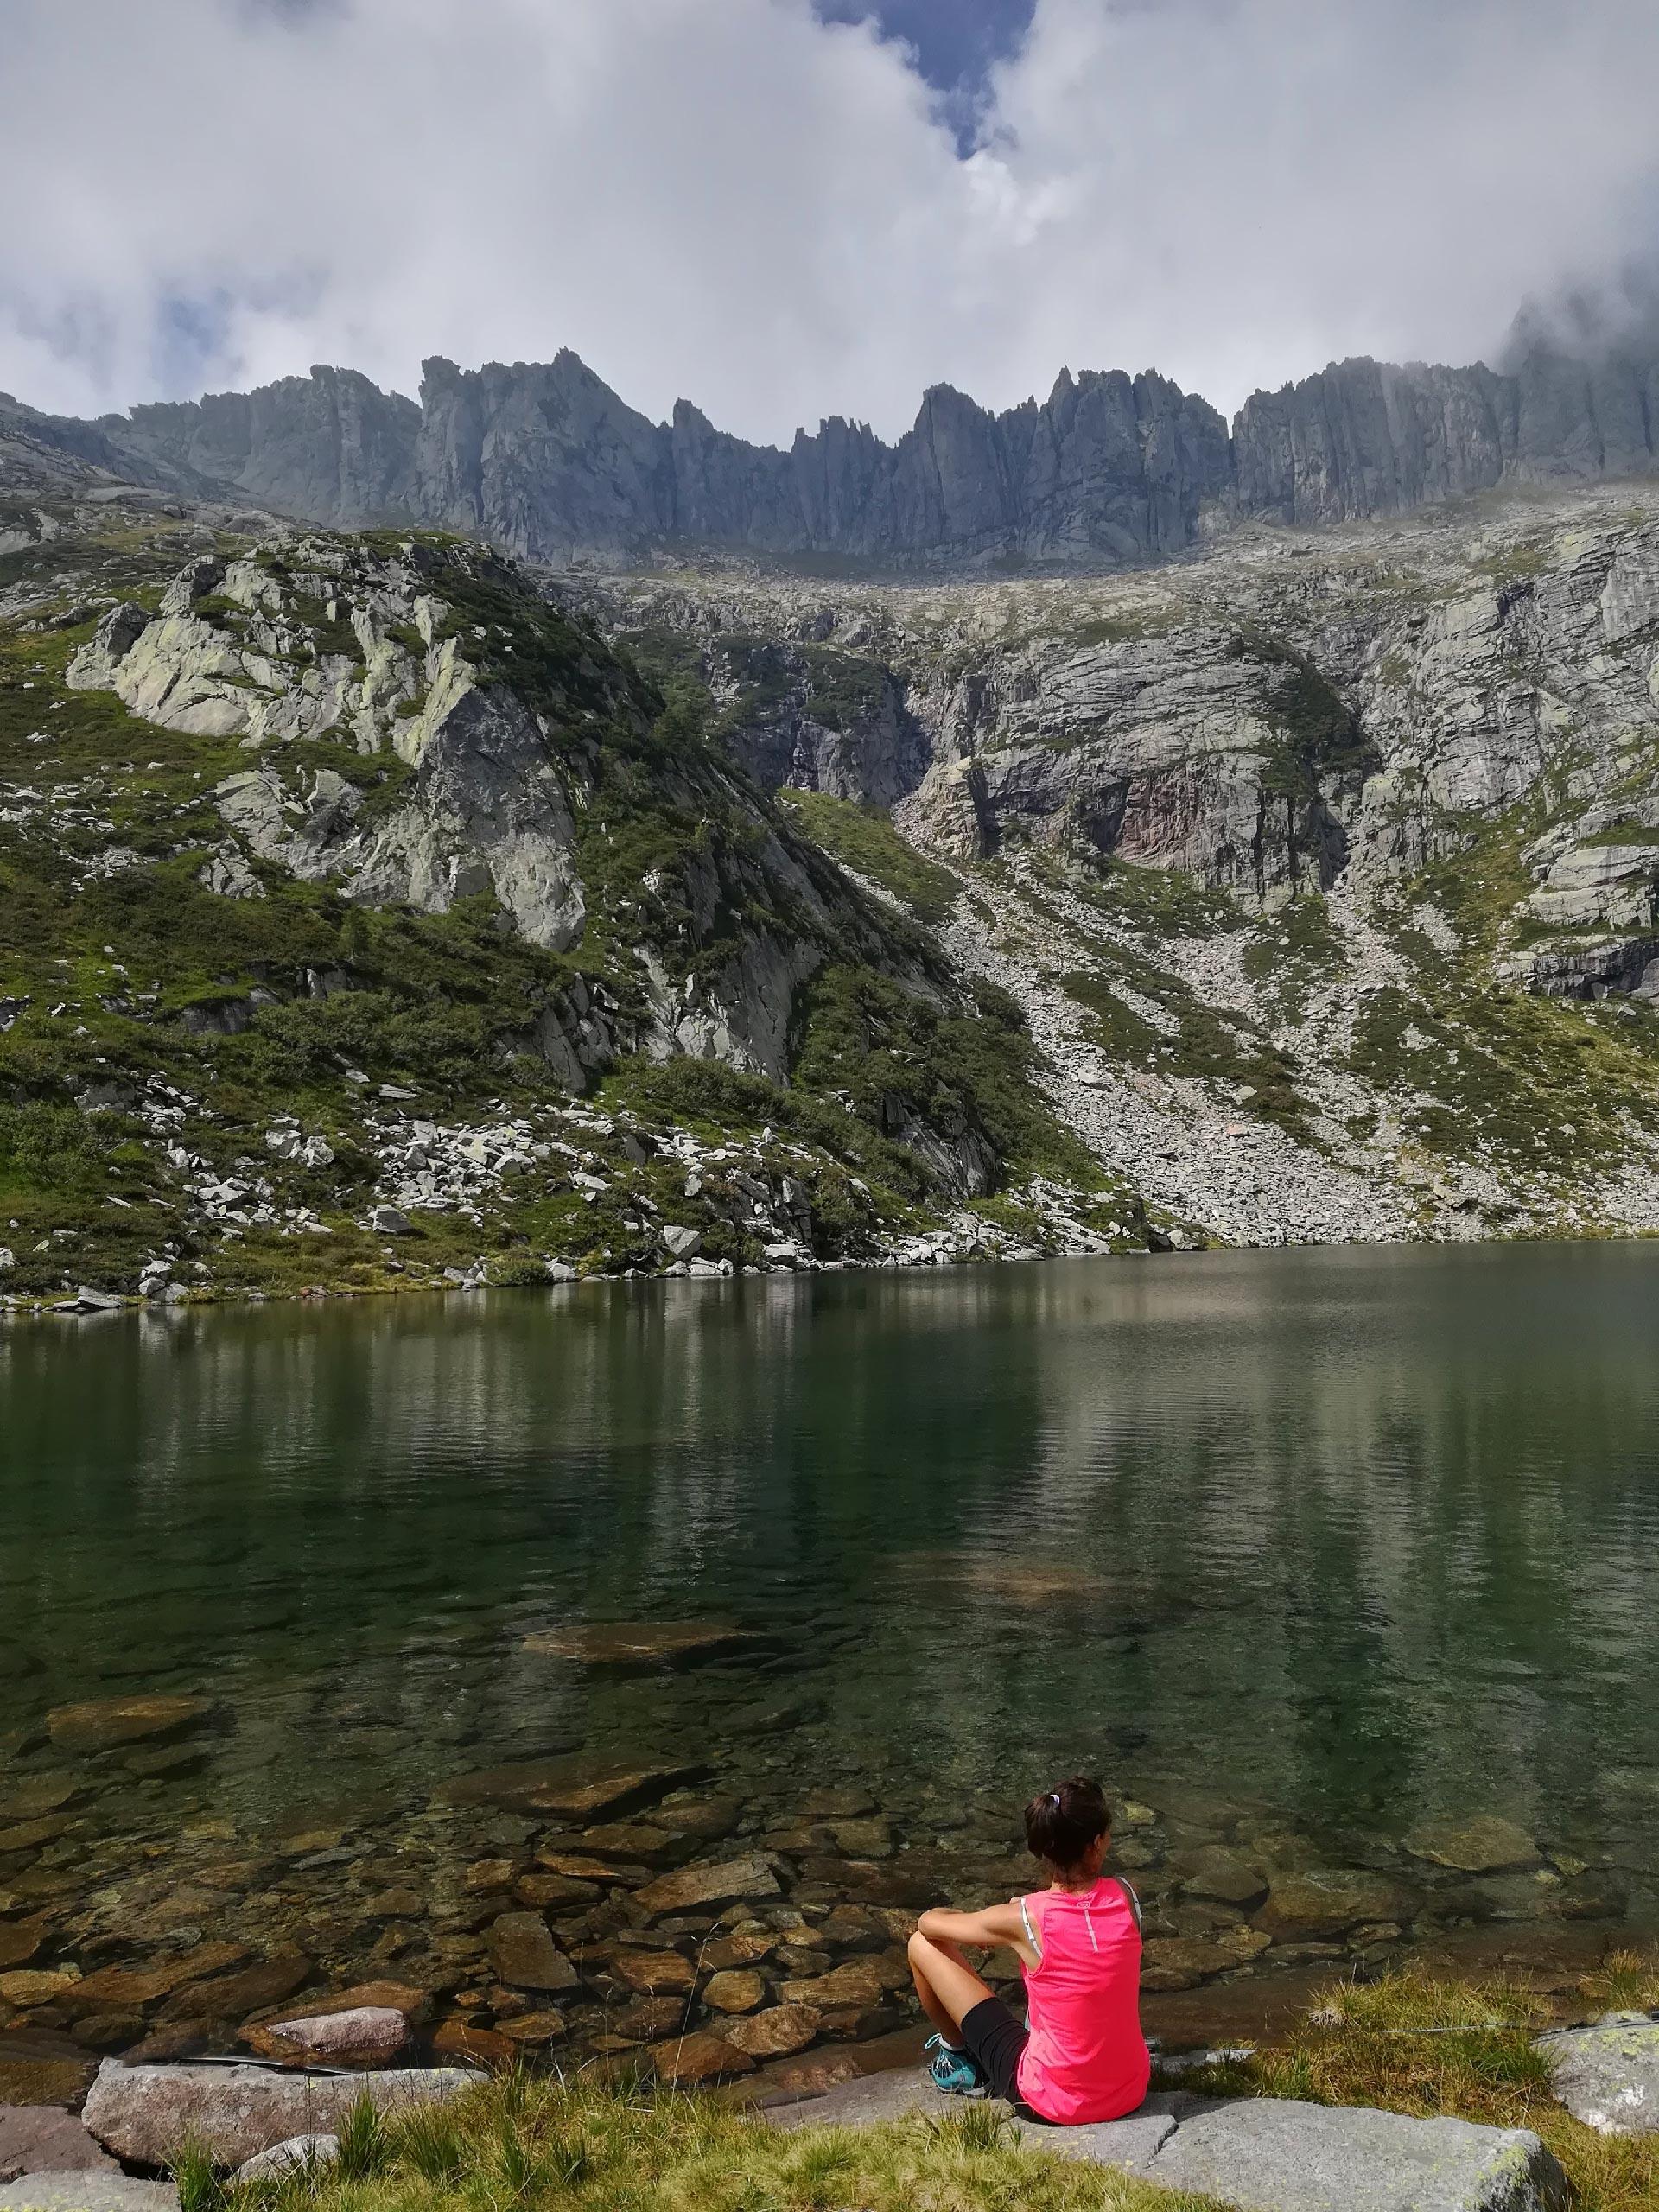 Lago Darengo, sullo sfondo picchi rocciosi che lo sovrastano, Como, Lombardia